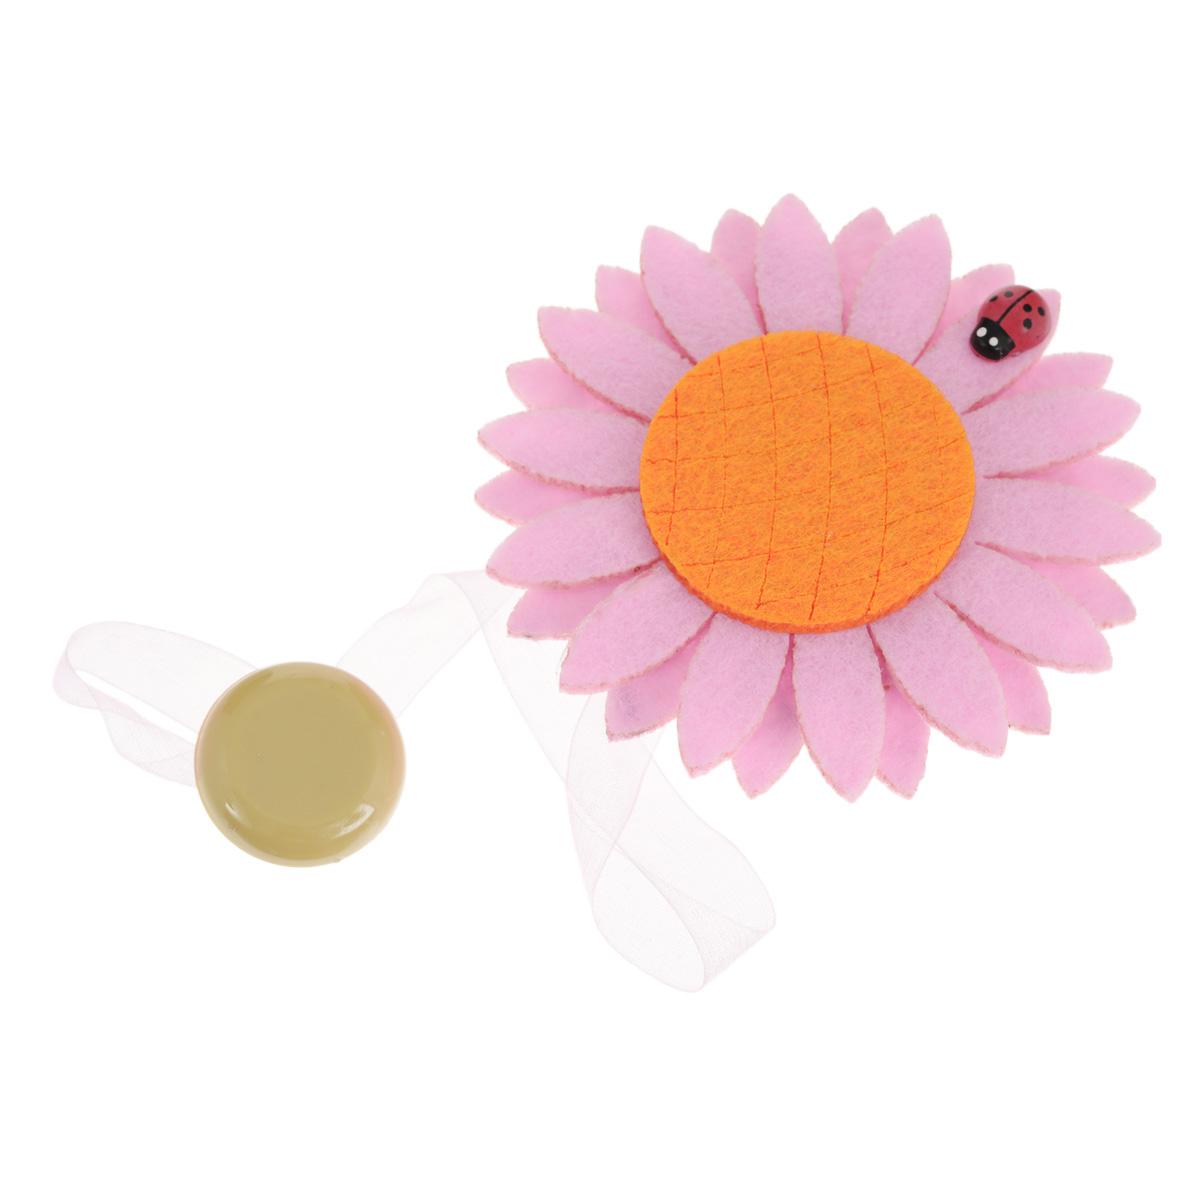 Клипса-магнит для штор Calamita Fiore, цвет: светло-розовый, оранжевый. 7704012_5497704012_549Клипса-магнит Calamita Fiore, изготовленная из пластика и текстиля, предназначена для придания формы шторам. Изделие представляет собой два магнита, расположенные на разных концах текстильной ленты. Один из магнитов оформлен декоративным цветком. С помощью такой магнитной клипсы можно зафиксировать портьеры, придать им требуемое положение, сделать складки симметричными или приблизить портьеры, скрепить их. Клипсы для штор являются универсальным изделием, которое превосходно подойдет как для штор в детской комнате, так и для штор в гостиной. Следует отметить, что клипсы для штор выполняют не только практическую функцию, но также являются одной из основных деталей декора этого изделия, которая придает шторам восхитительный, стильный внешний вид. Материал: пластик, полиэстер, магнит.Диаметр декоративного цветка: 9 см.Диаметр магнита: 2,5 см.Длина ленты: 28 см.